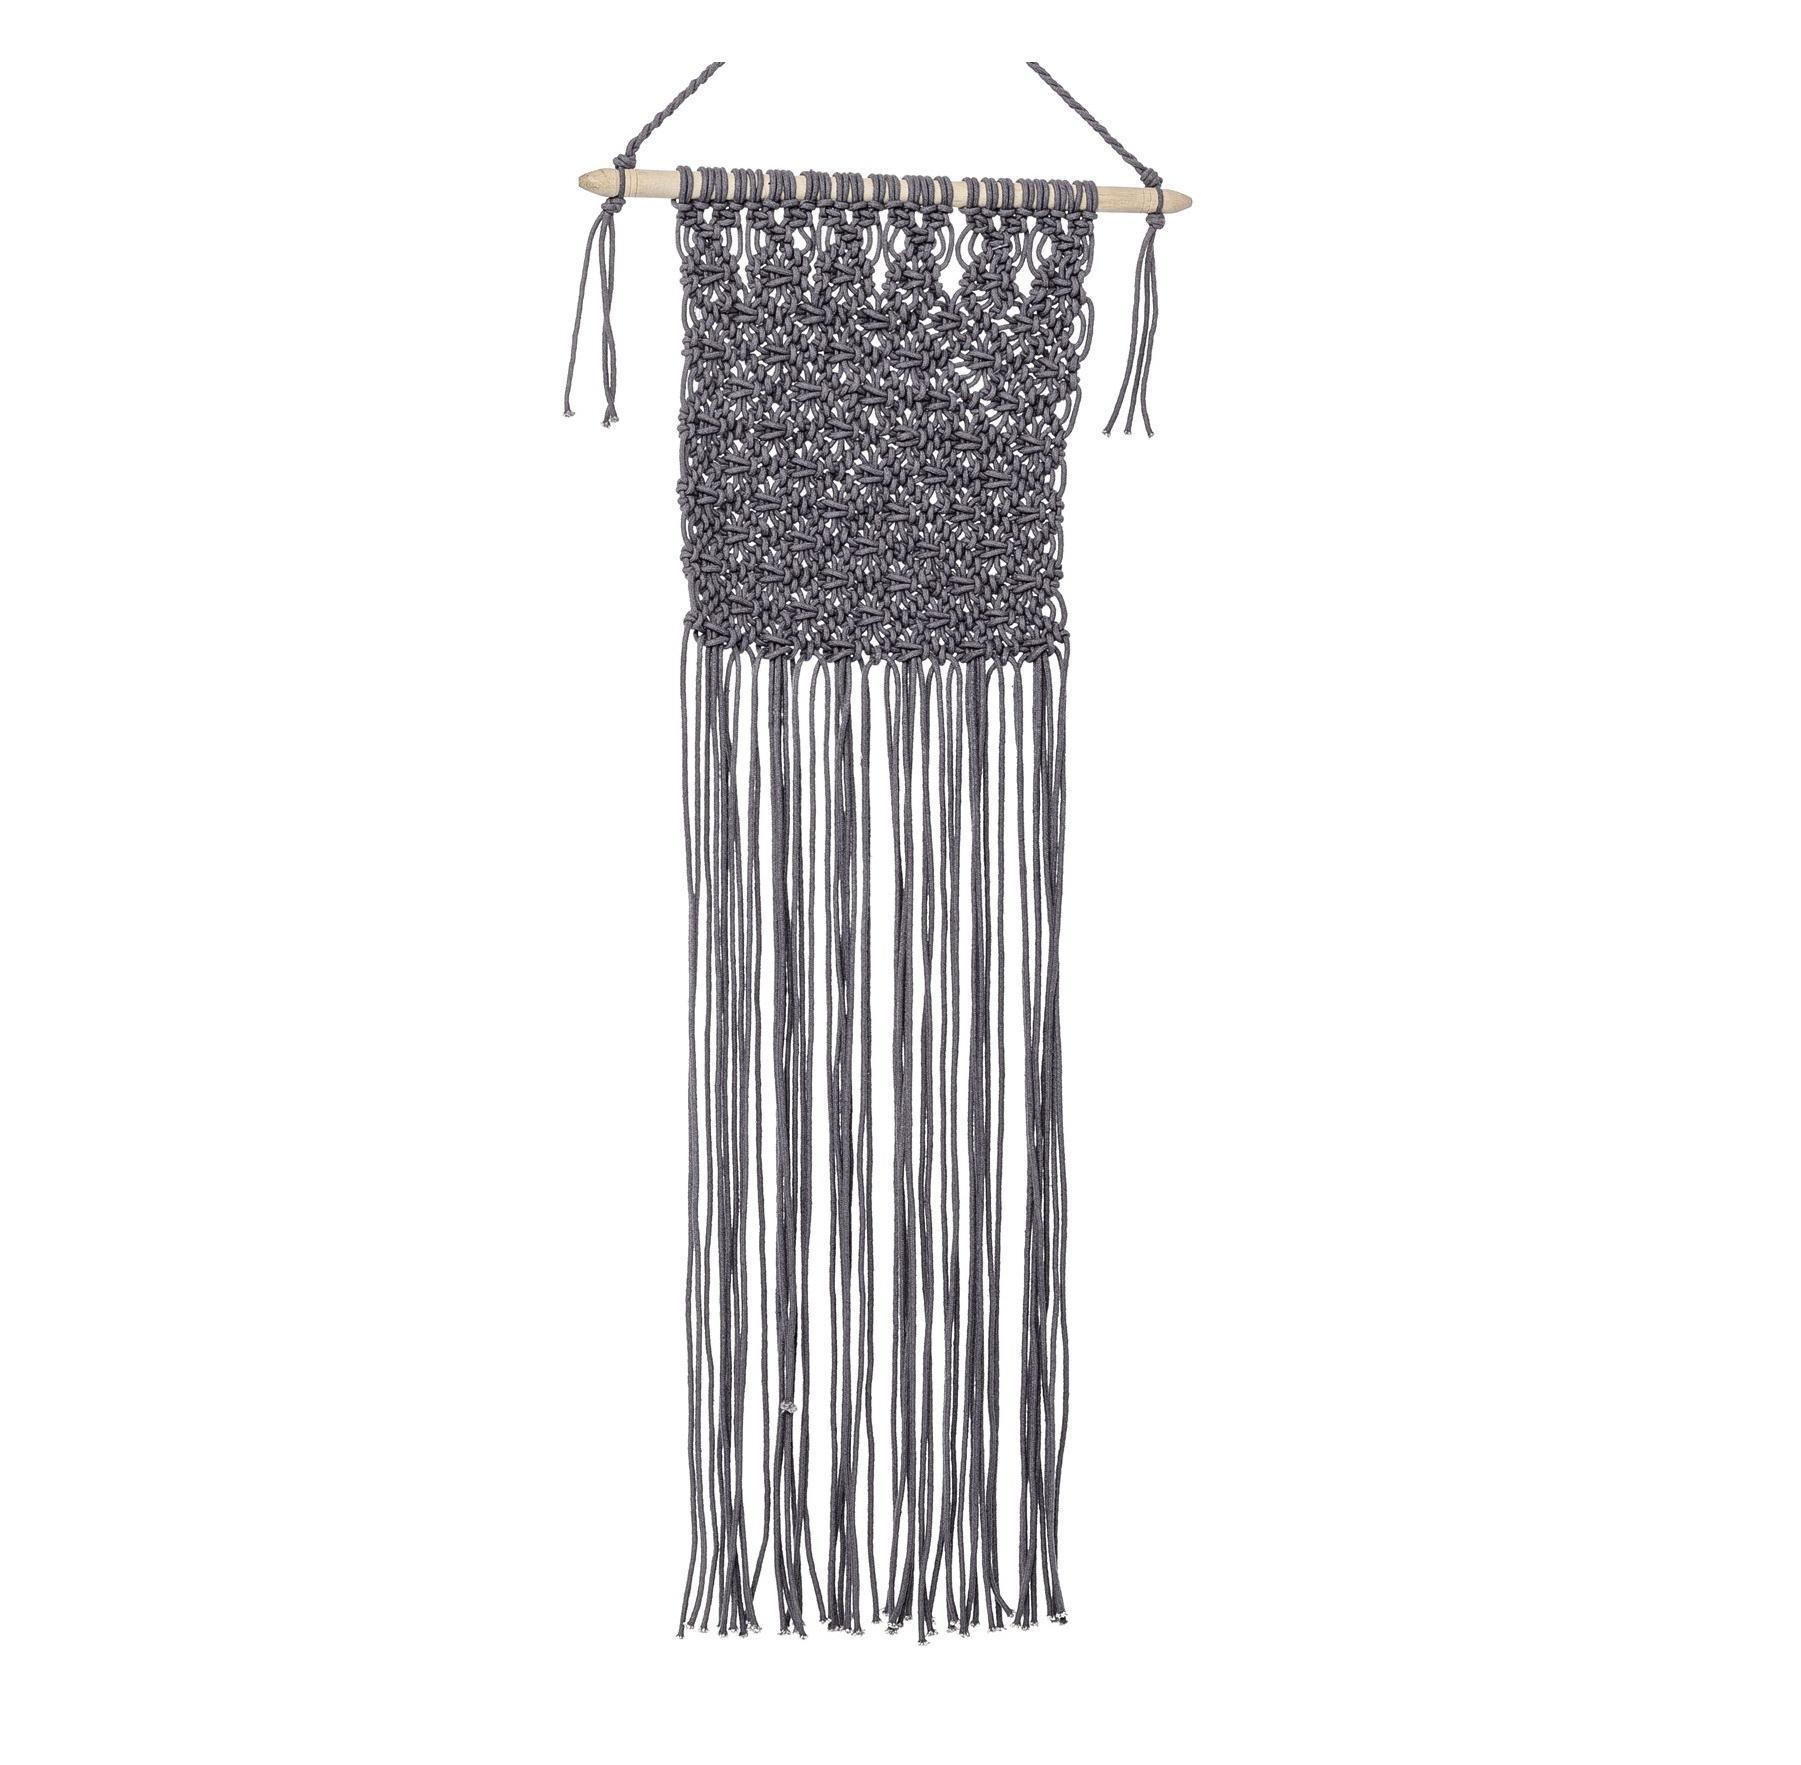 Bloomingville Nástěnná dekorace z provázků Grey, šedá barva, textil